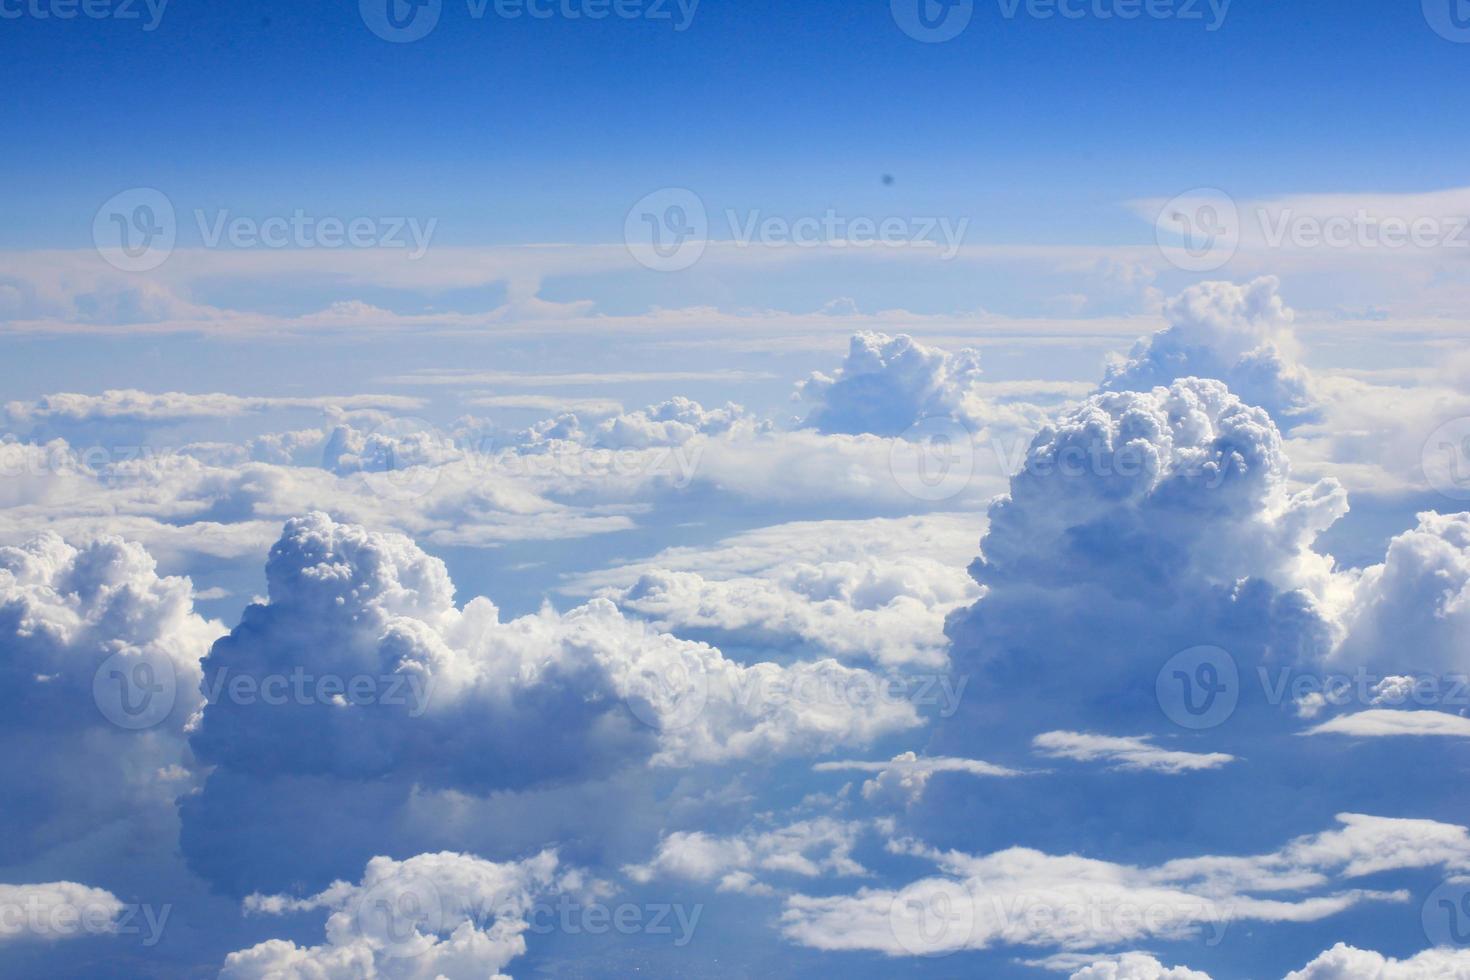 wolken en lucht uitzicht vanuit een vliegtuig foto